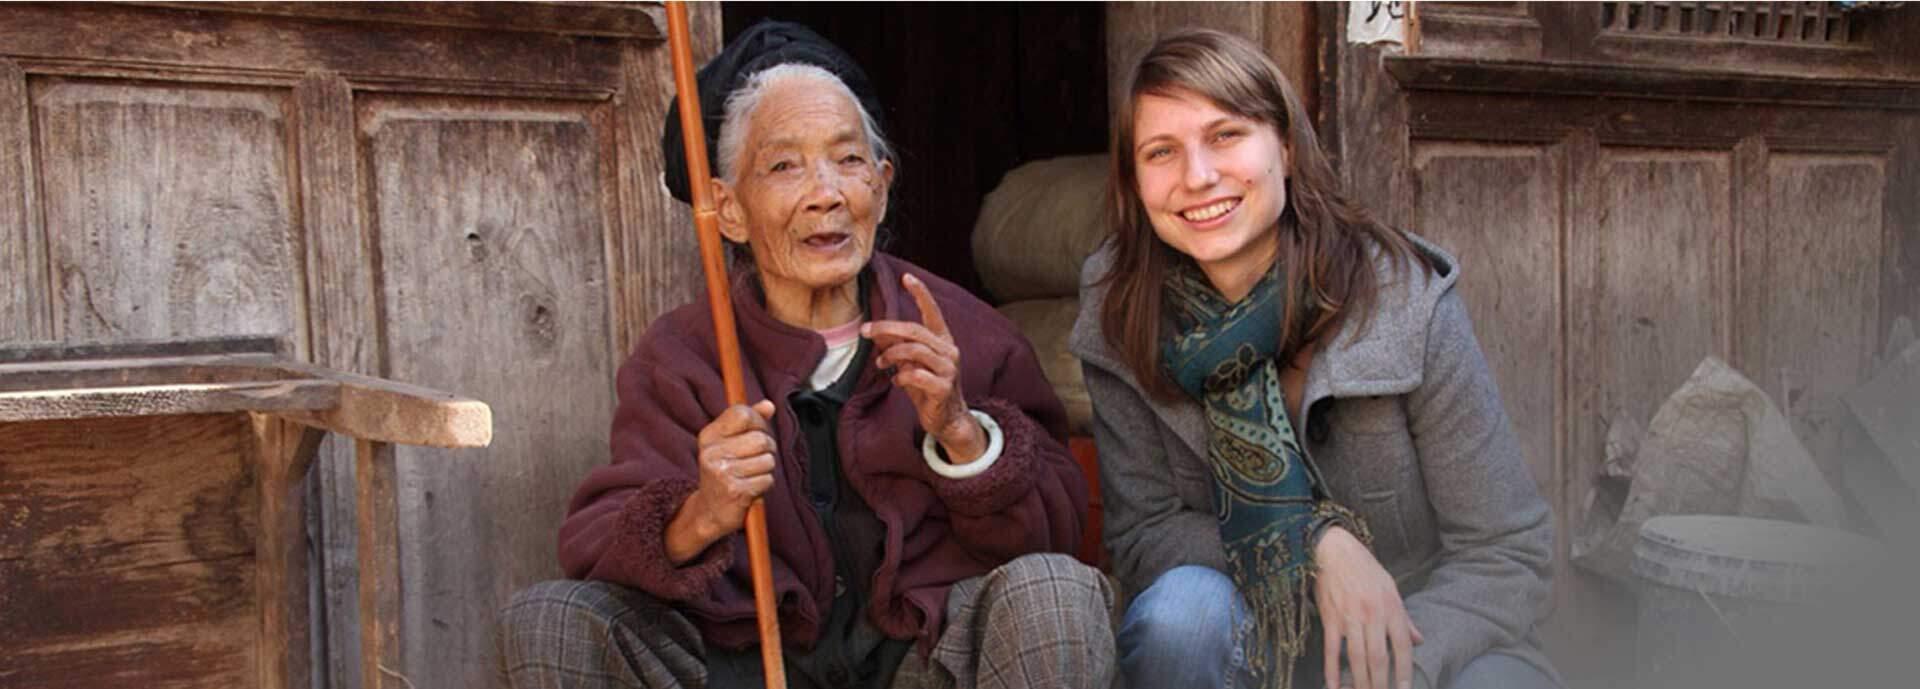 KIMDESIGN Mitarbeiter neben älterer Chinesin